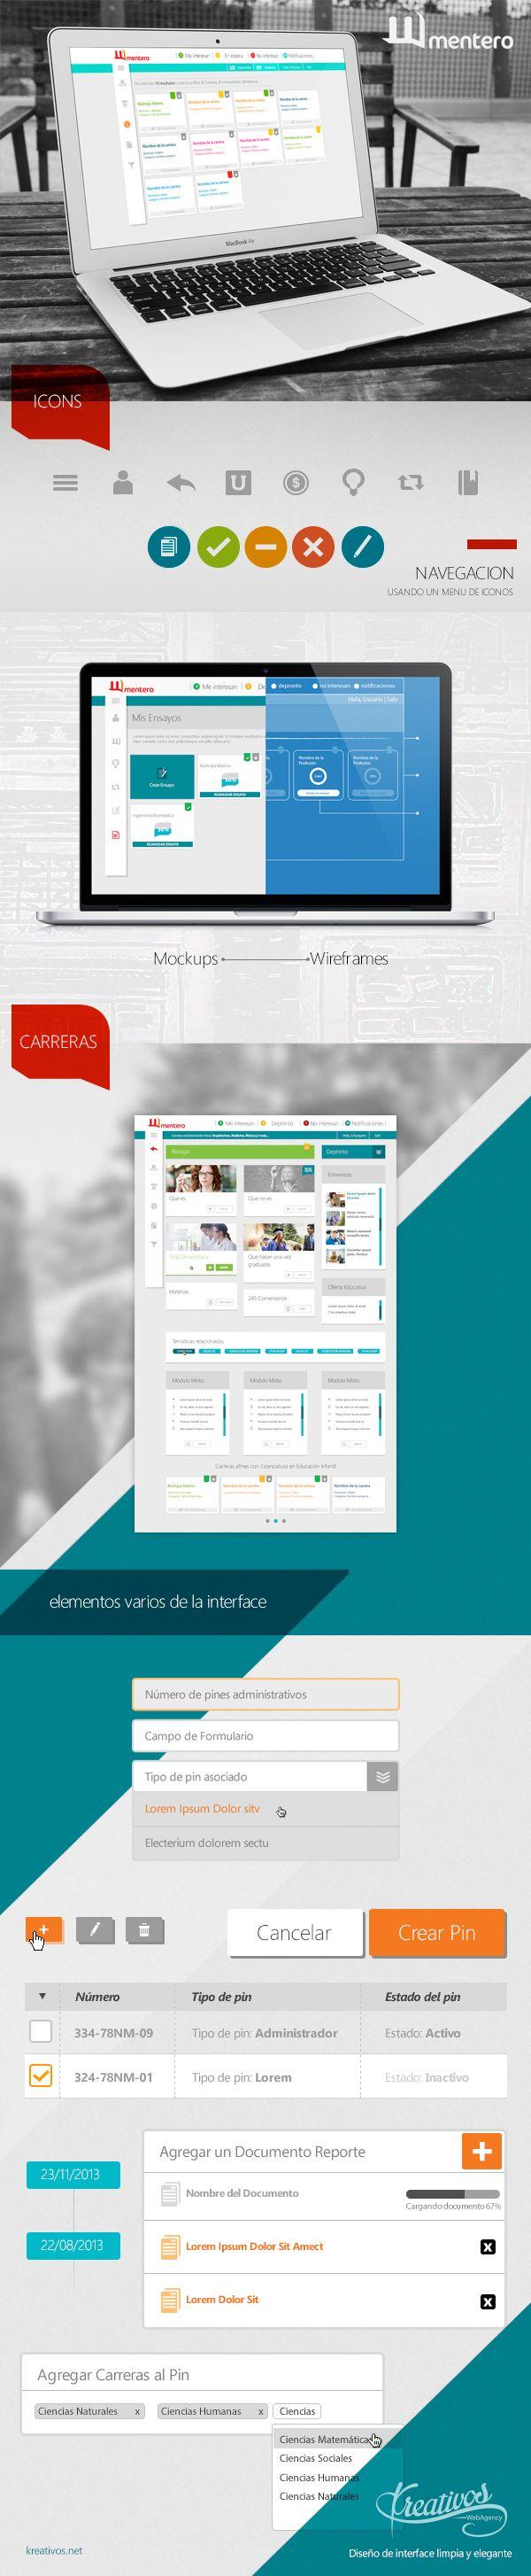 Diseño de #interface para aplicativo web mentero #behance